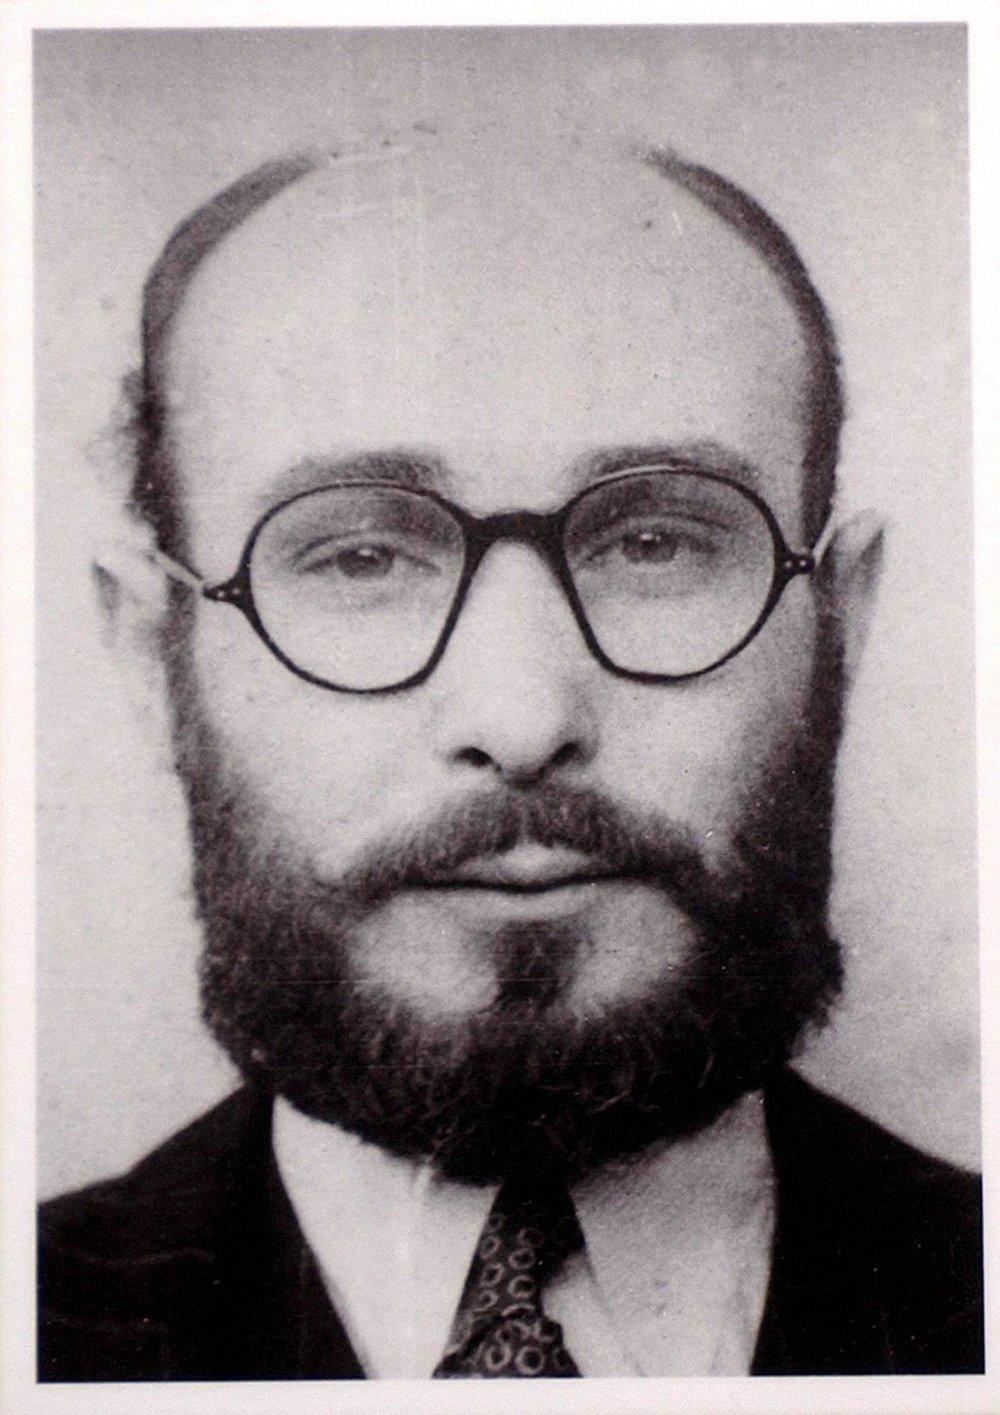 Photo of Juan Pujol Garcia